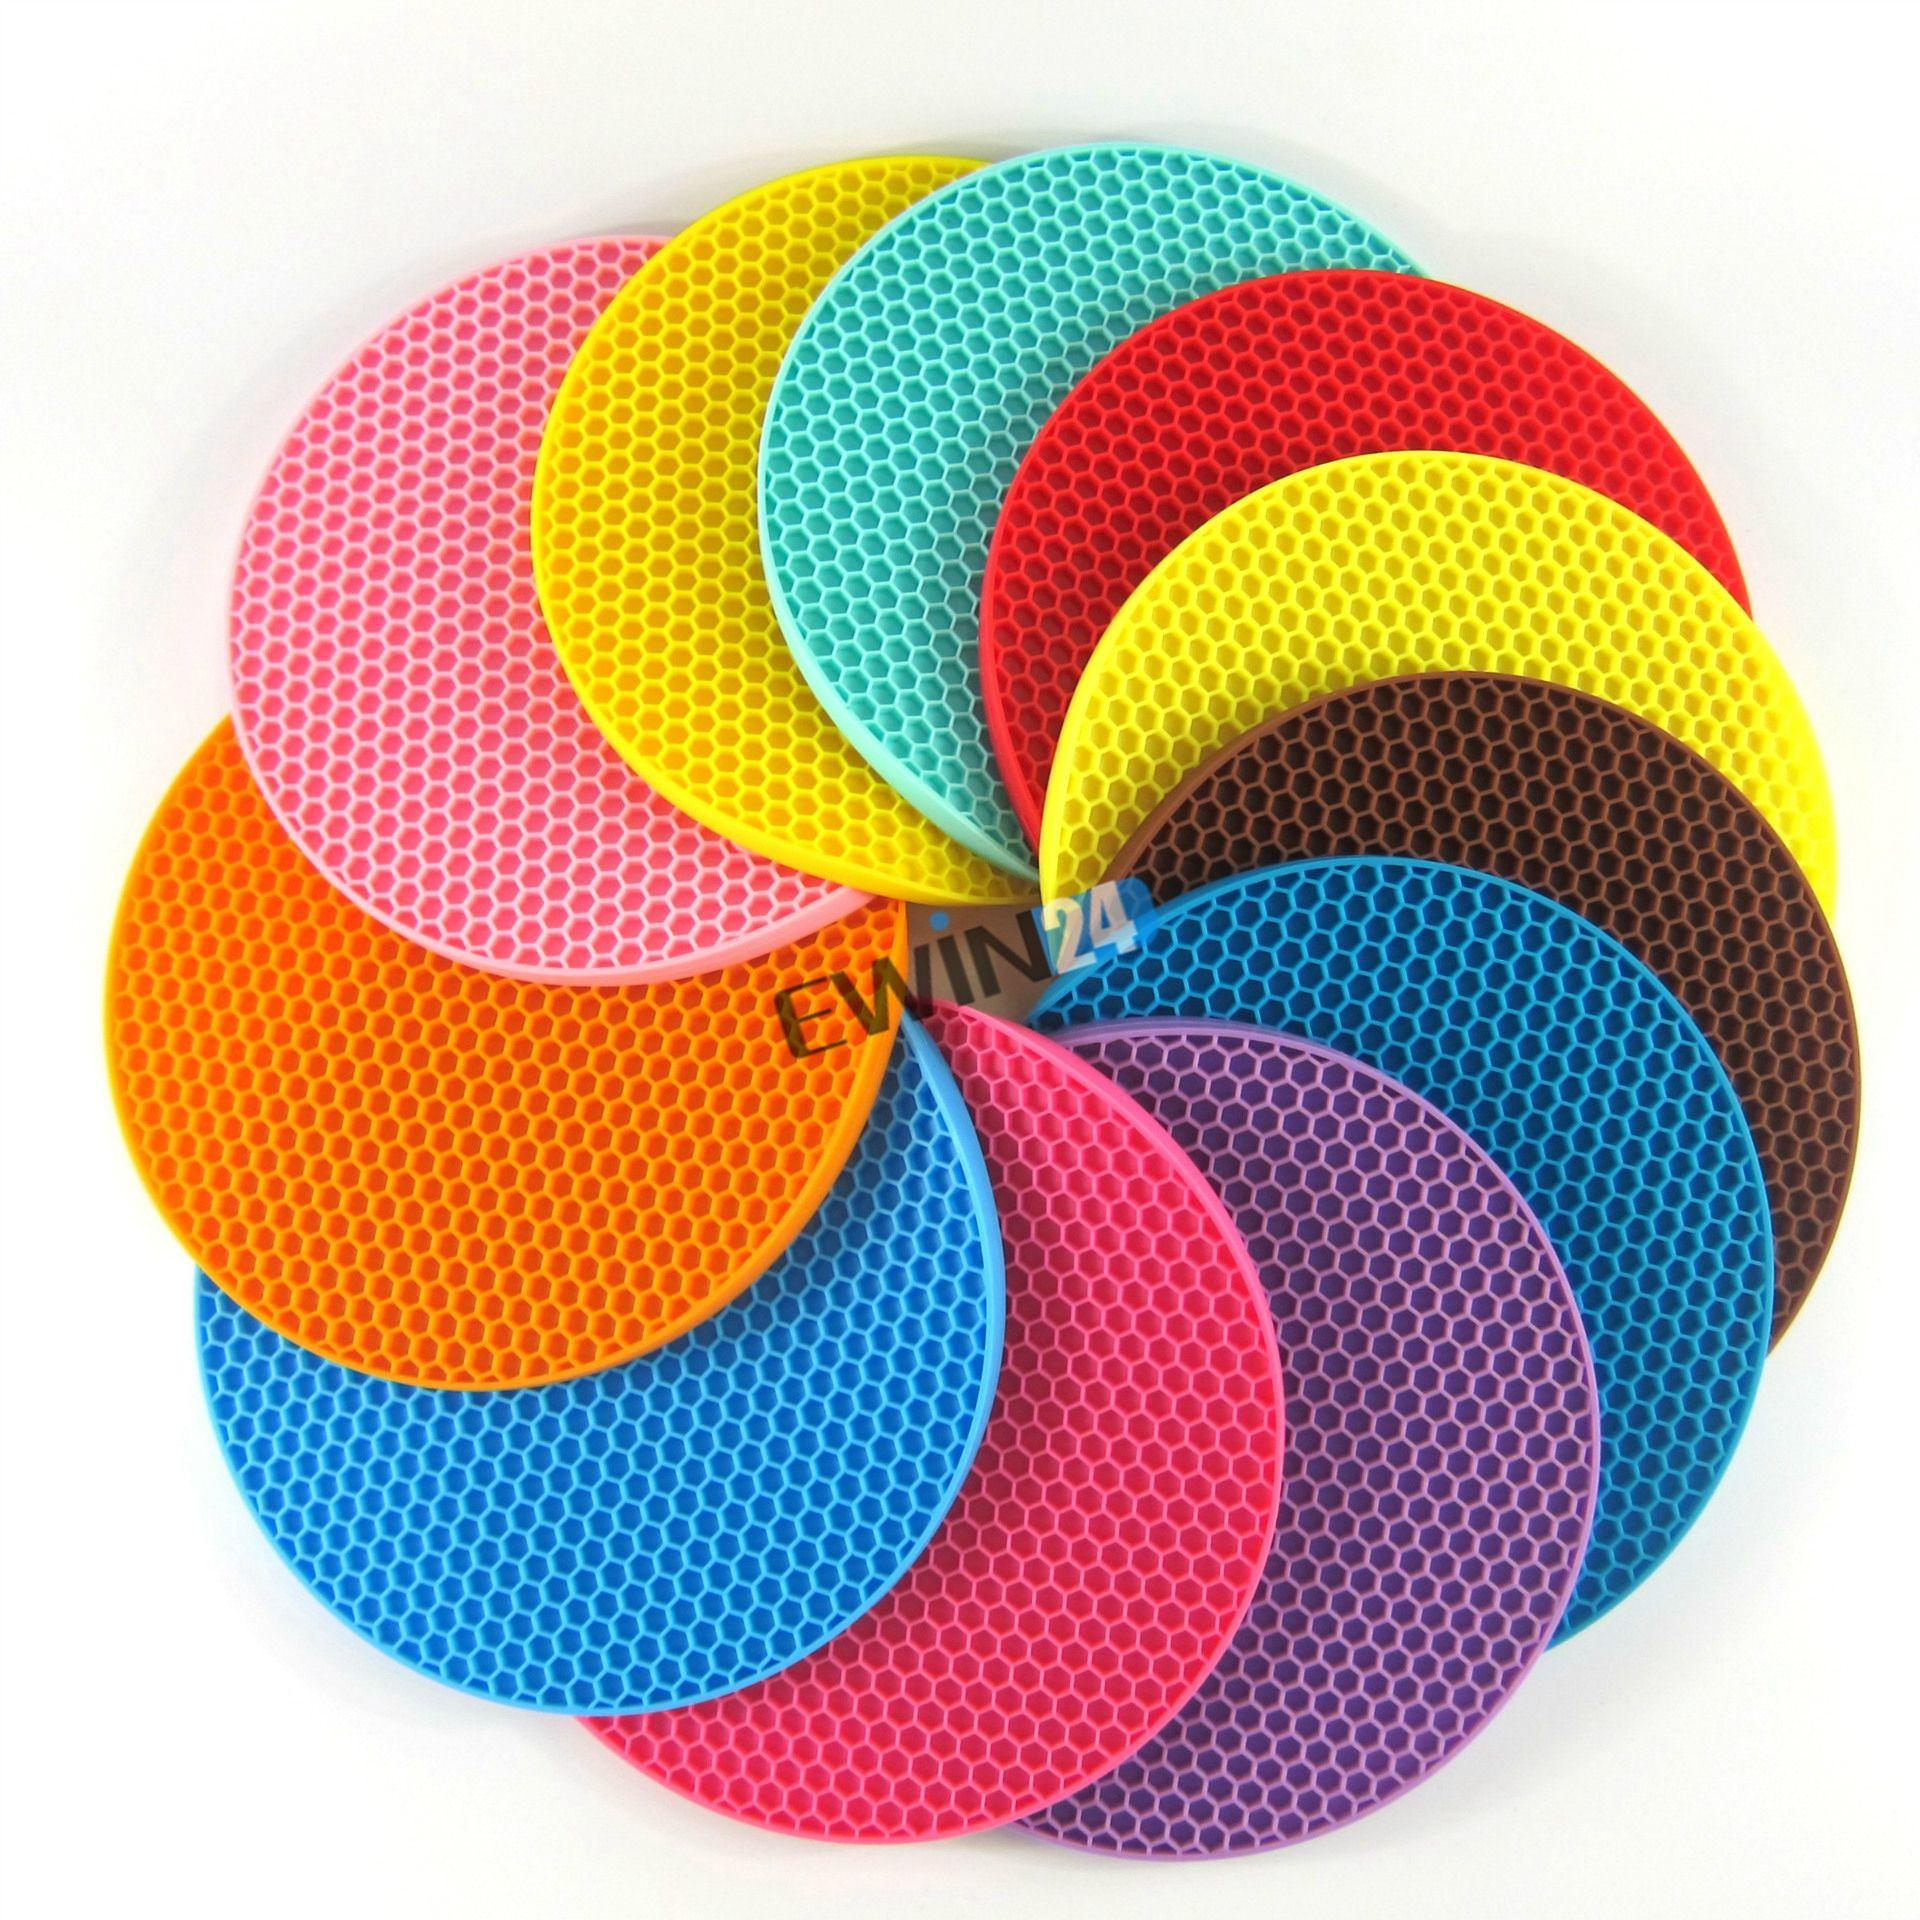 Rutschfestes hitzebeständiges Matten-Kissen für Topf Nahrungsmittelwasserdichtes Silikon sortierte Farben Neues Paket von